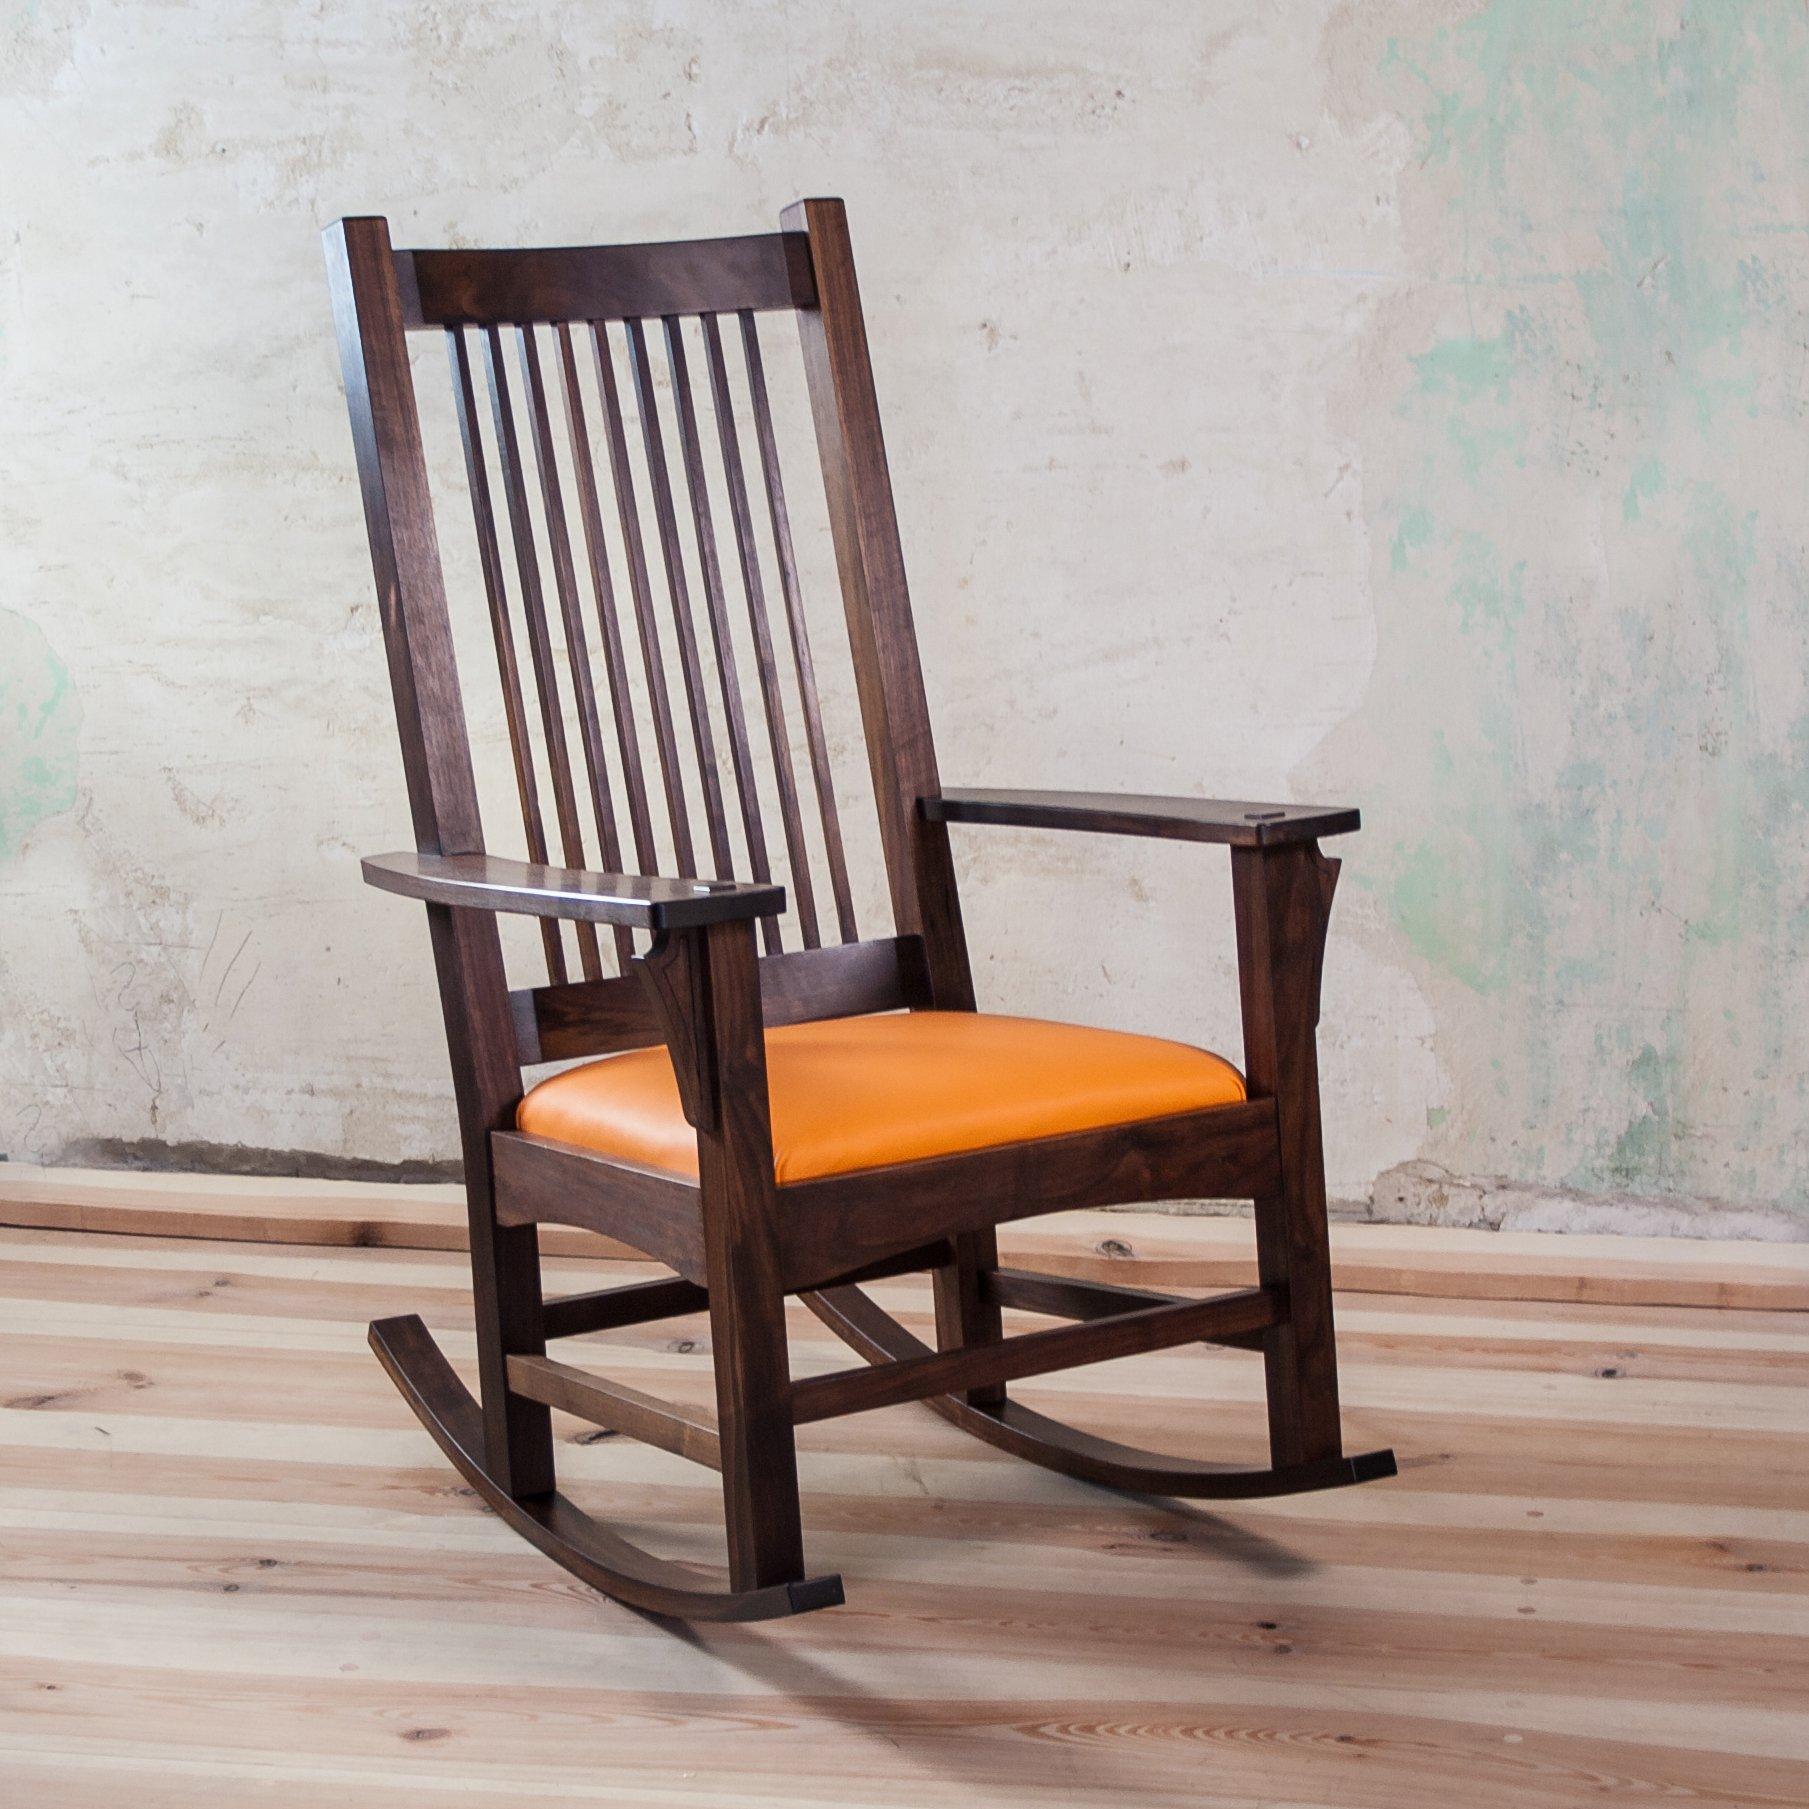 Rocking Chair by Drechsler Norbert Pauli